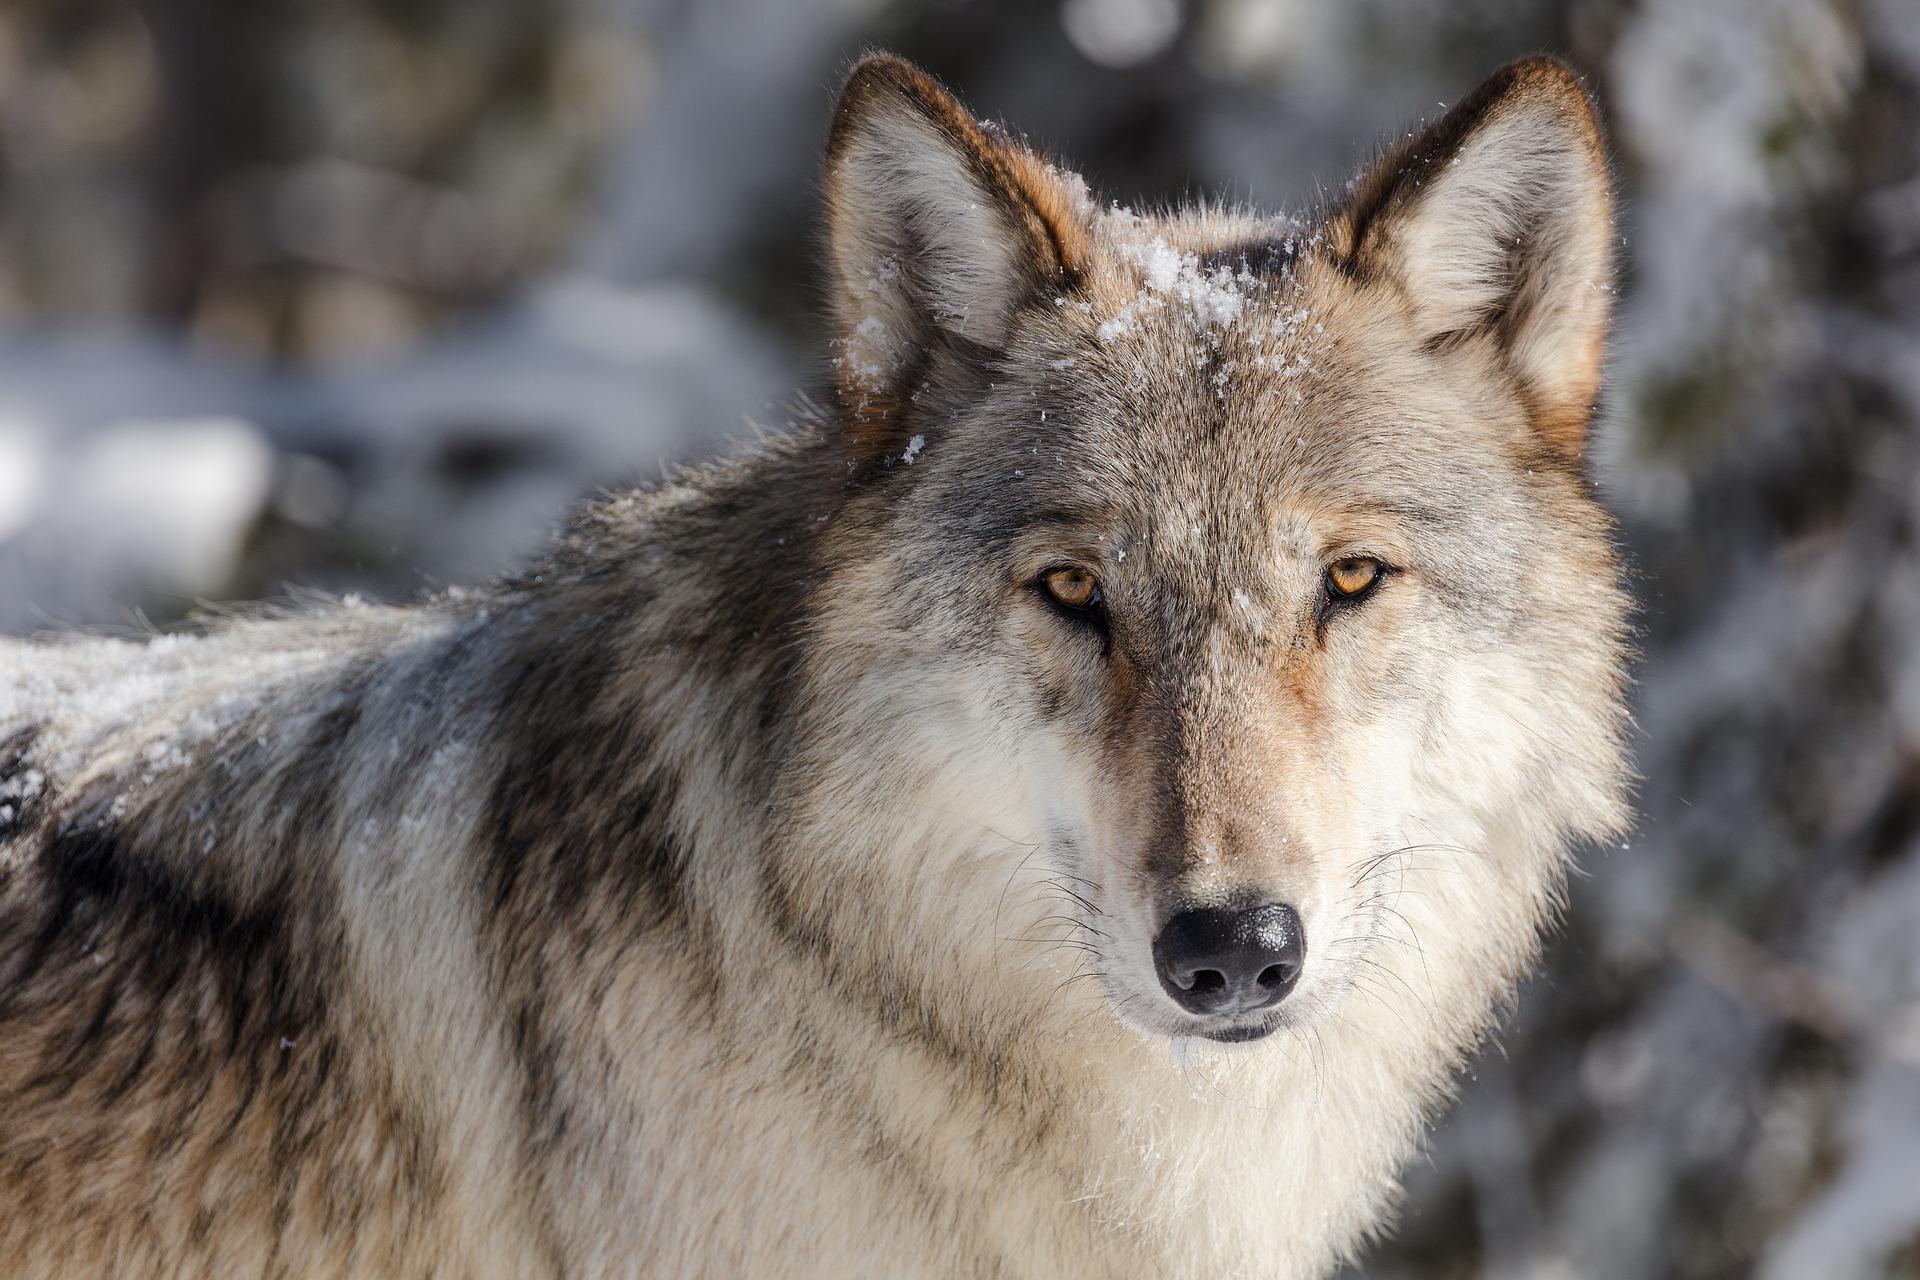 Ein Wolf im Landkreis Rotenburg ist handgreiflich geworden. Der Wolf biss einen Gemeindearbeiter in die Hand, während dieser eine Hecke bearbeitet hat.